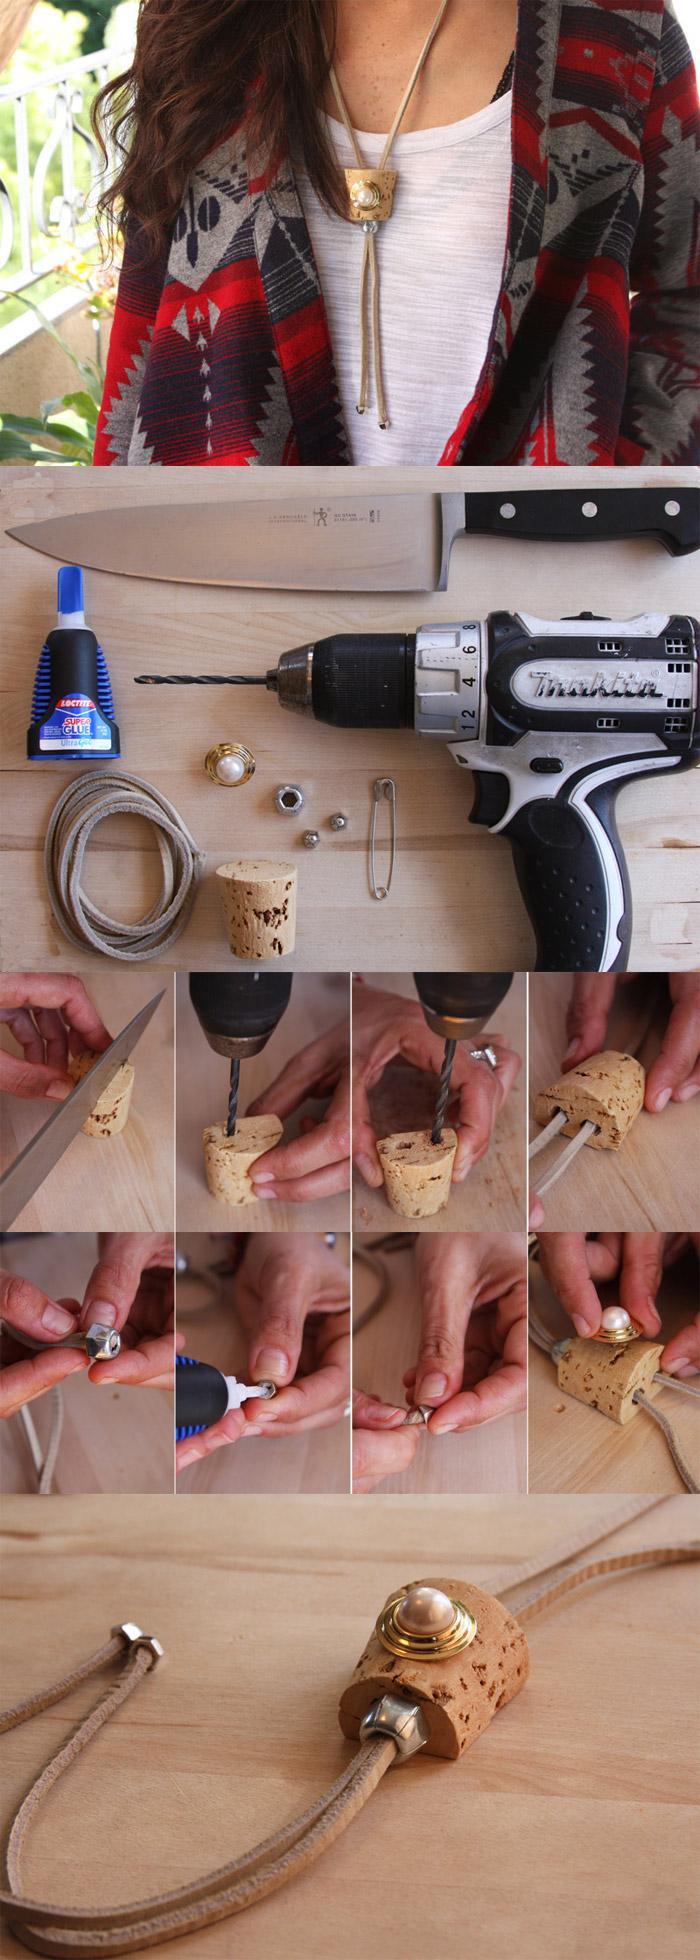 DIY-Bolo-Tie